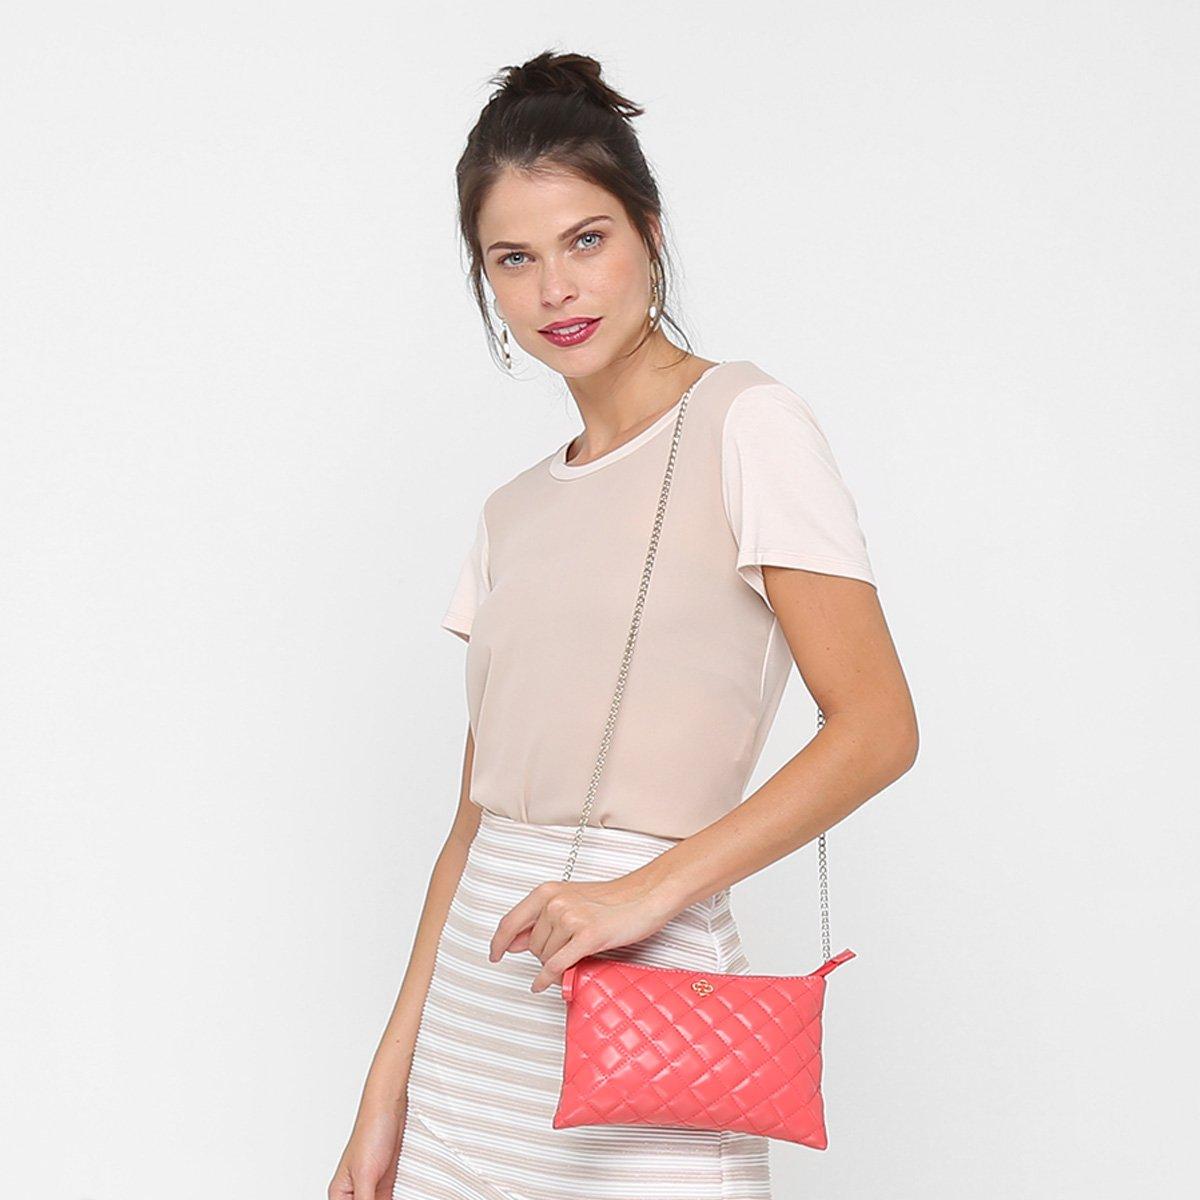 Matelassê Bolsa Capodarte Feminina Mini Coral Matelassê Bag Bolsa Bag Capodarte Feminina Coral Bolsa Mini 4PCqgxpwPd